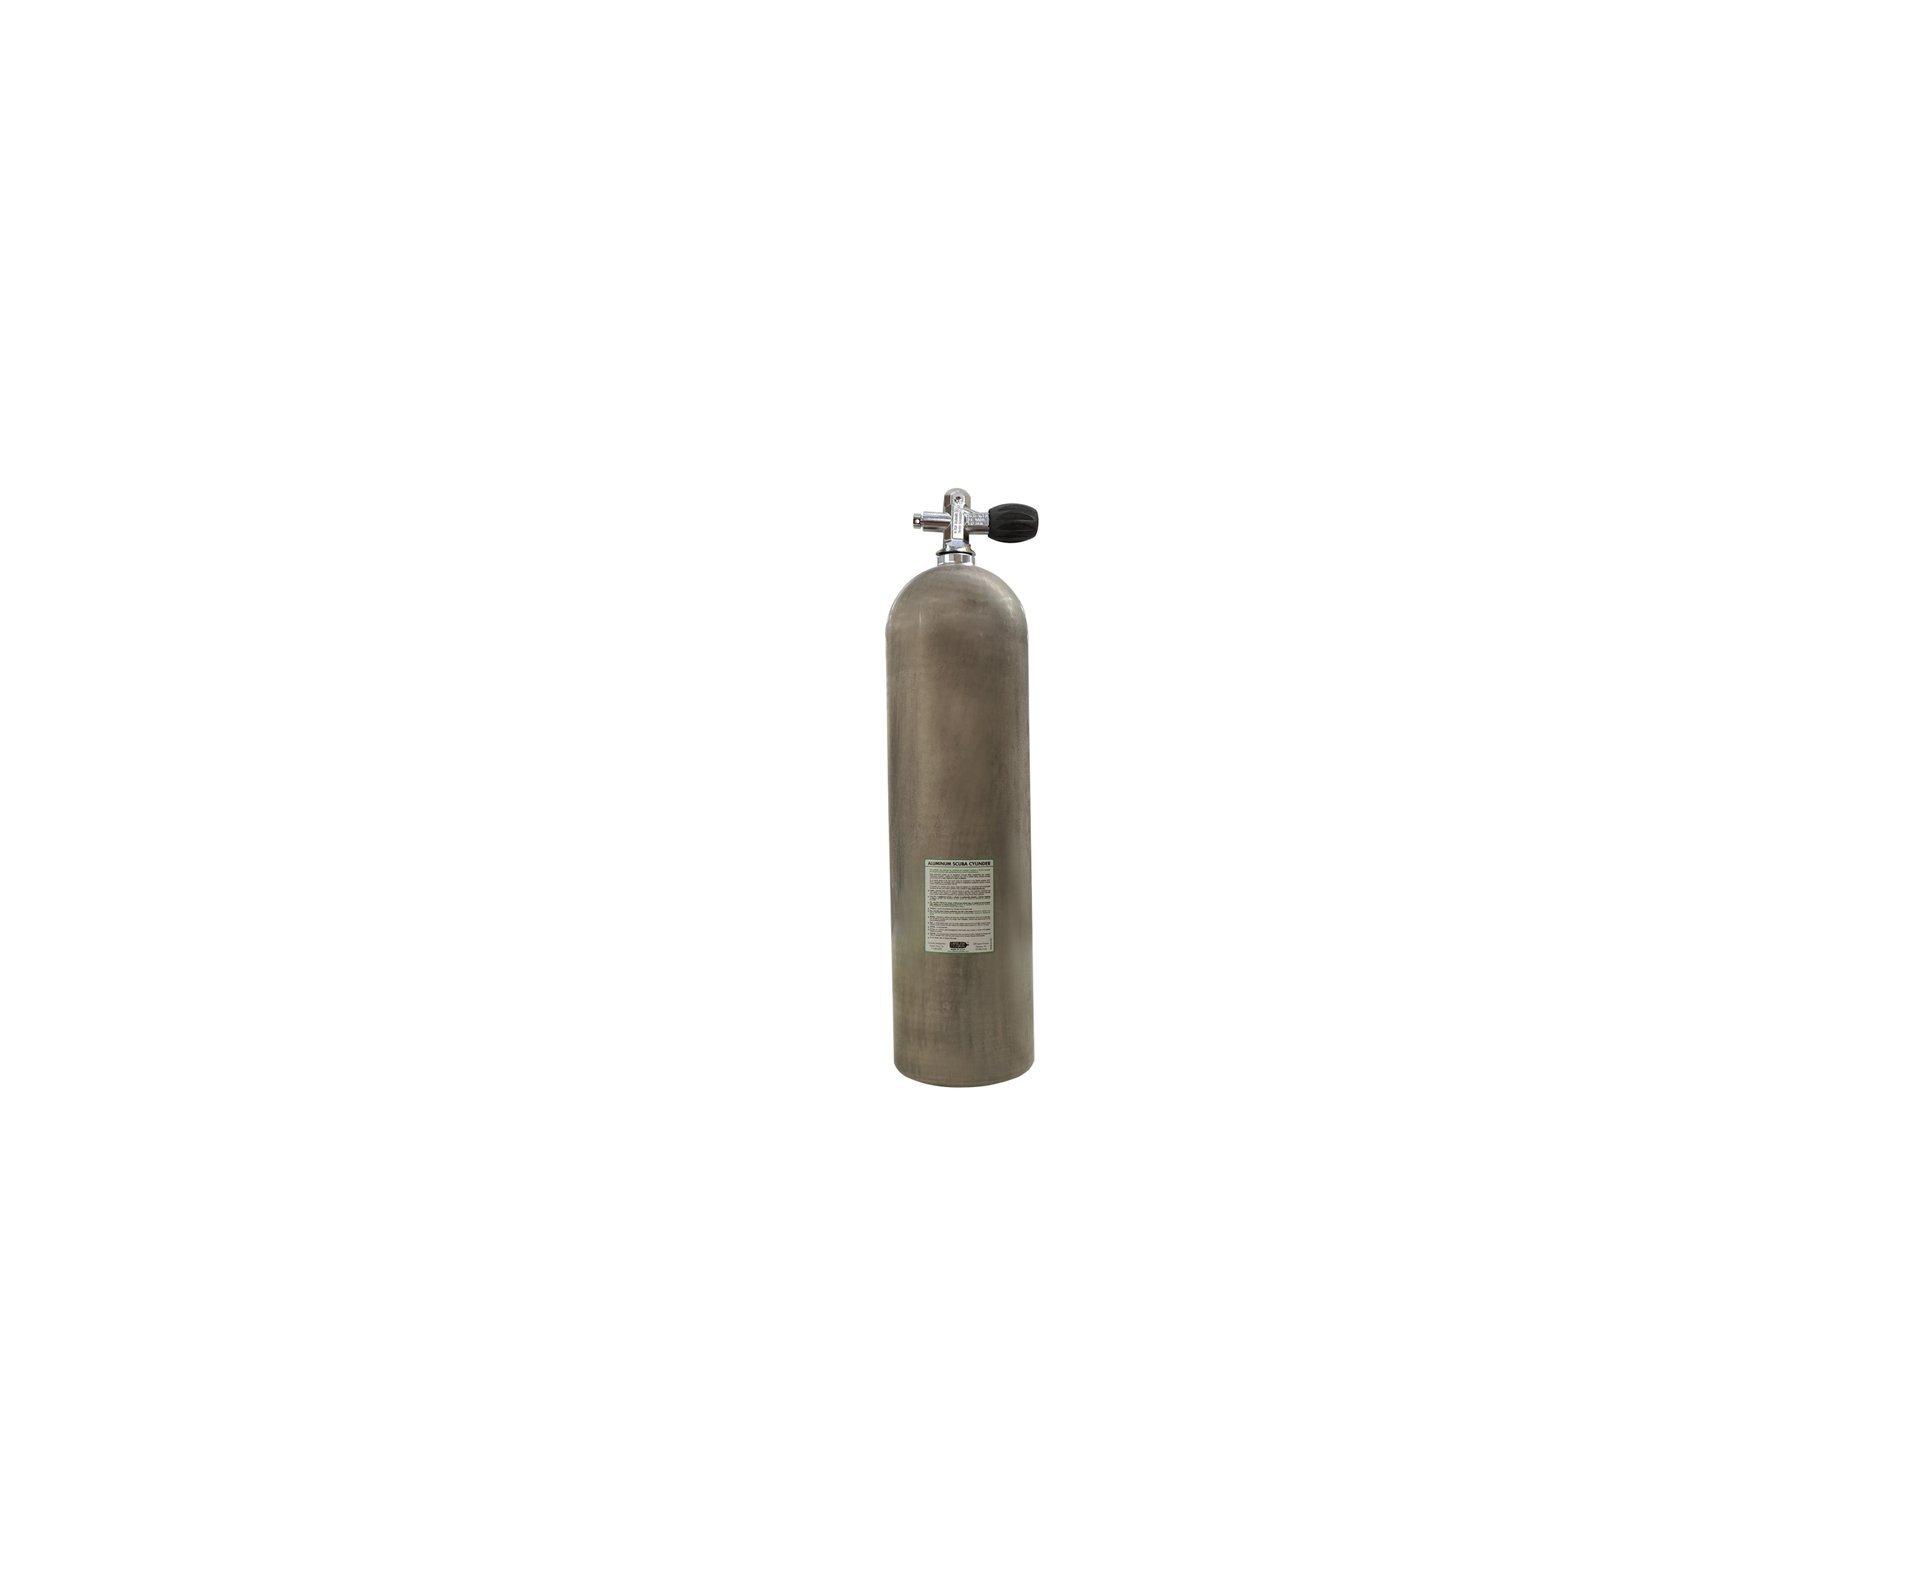 Cilindro Scuba 11,1 Litros + Valvula Yoke + Adaptador Recarga Para Pcp